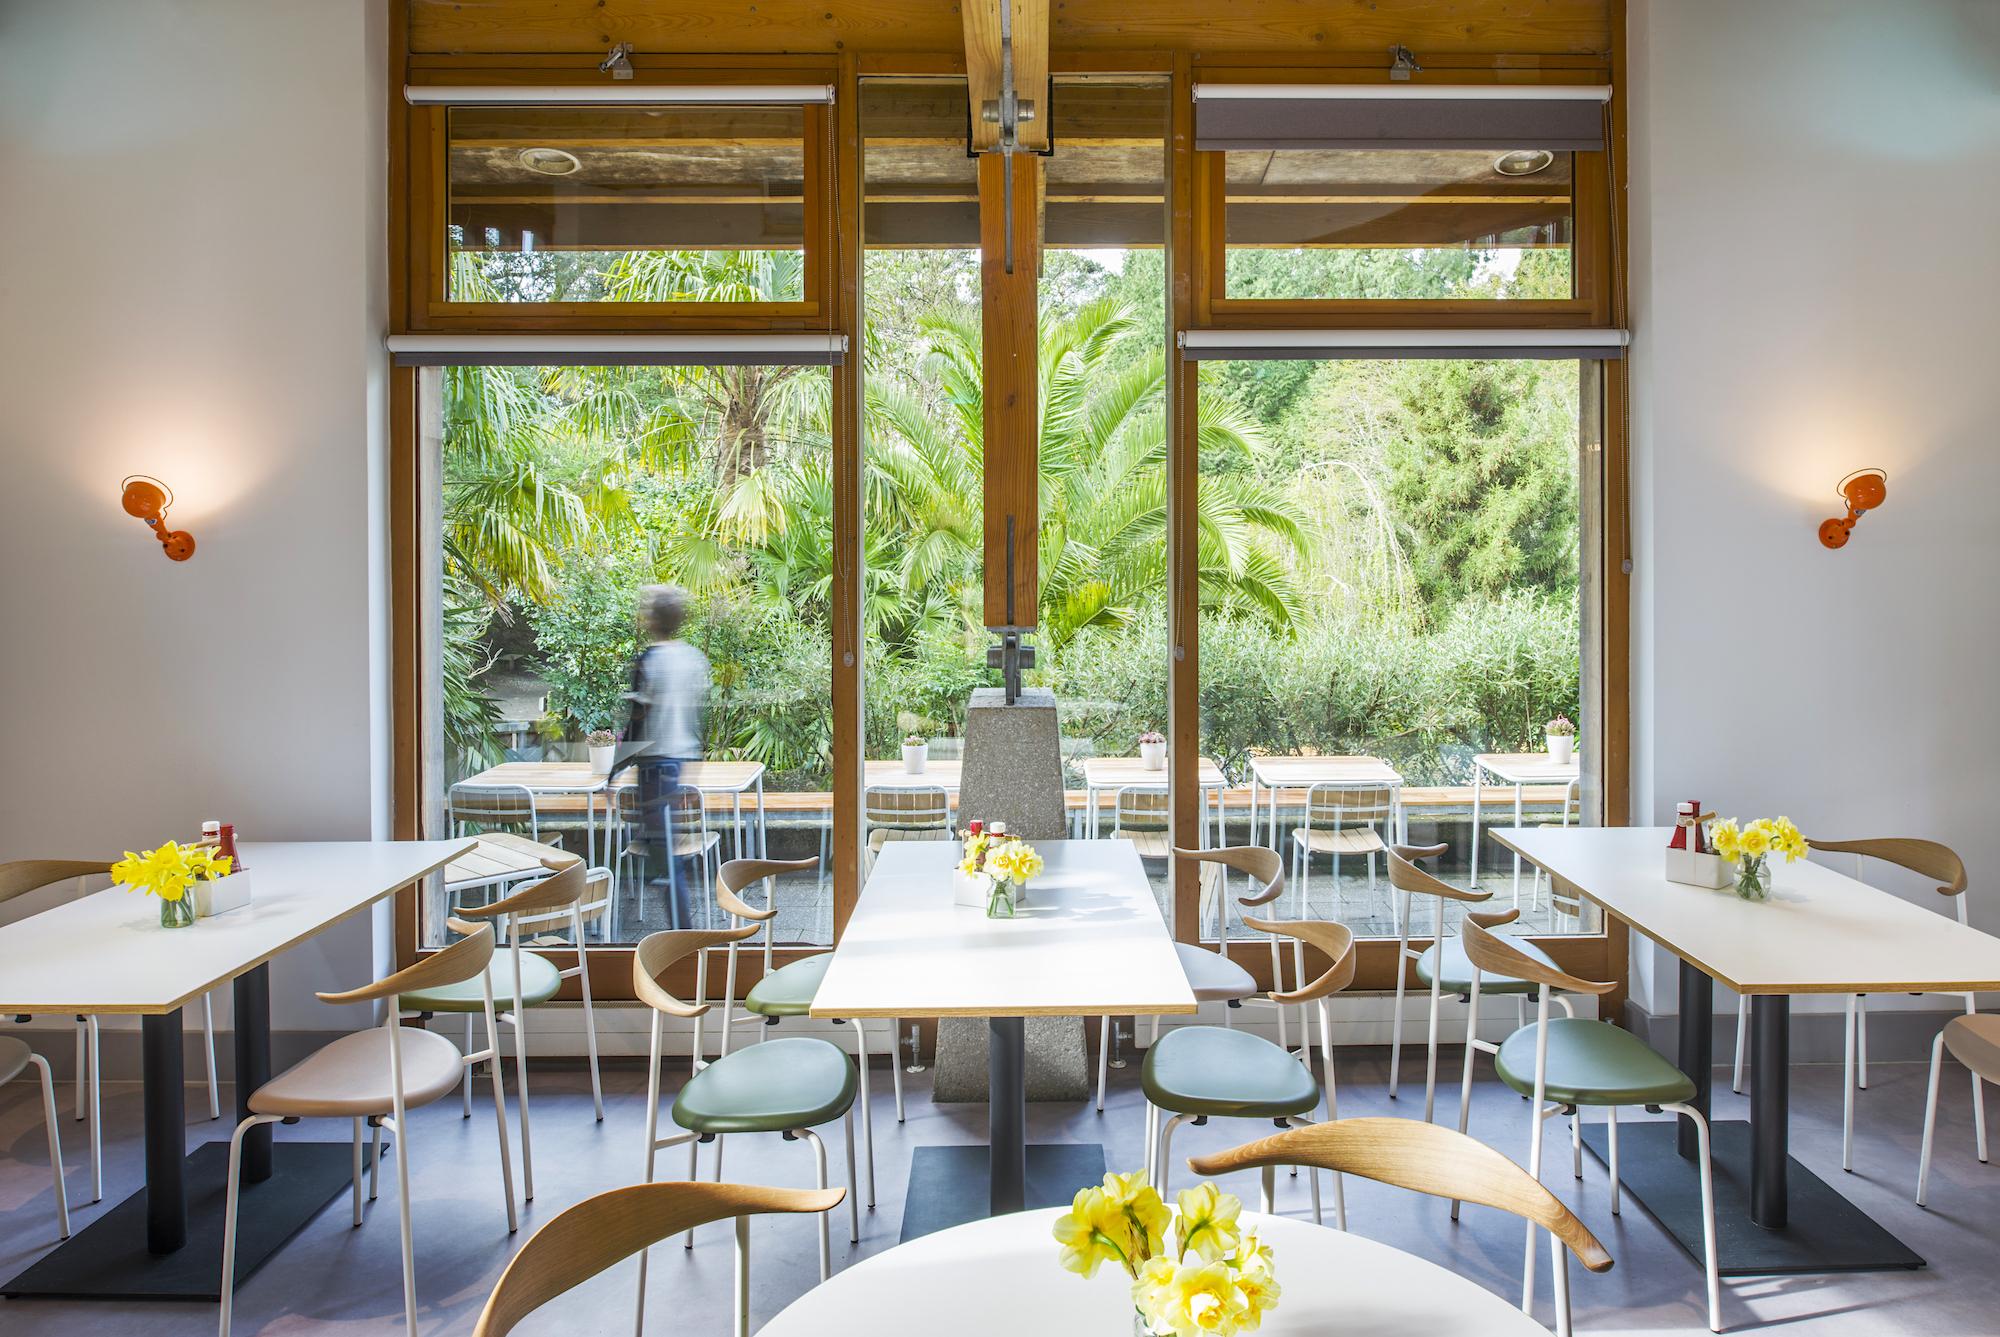 eleanor-bell-restaurant-lighting-trebah-cafe-led-lighting.jpeg